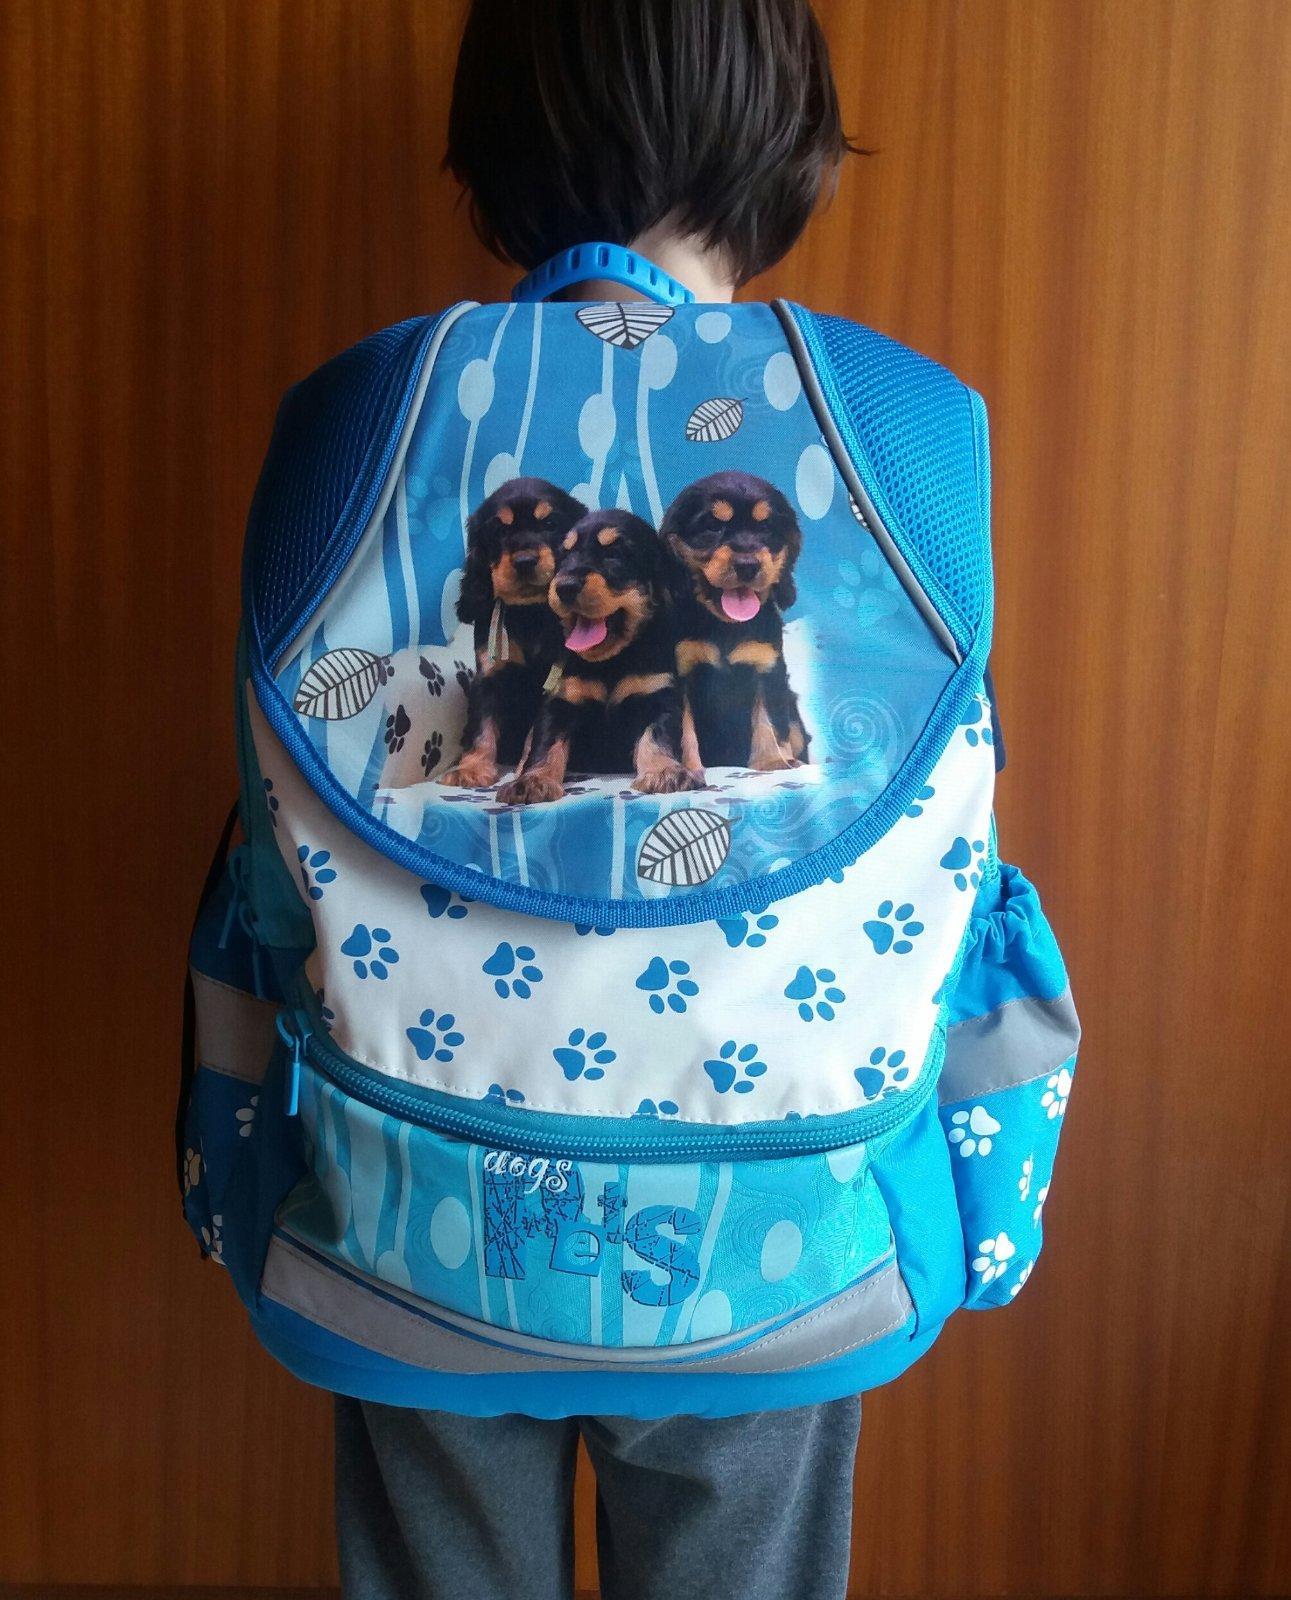 c82743ec7 Prodávám i na Vinted.cz, kde si případně můžete prohlédnout všechny moj. Školní  batoh / aktovka ...